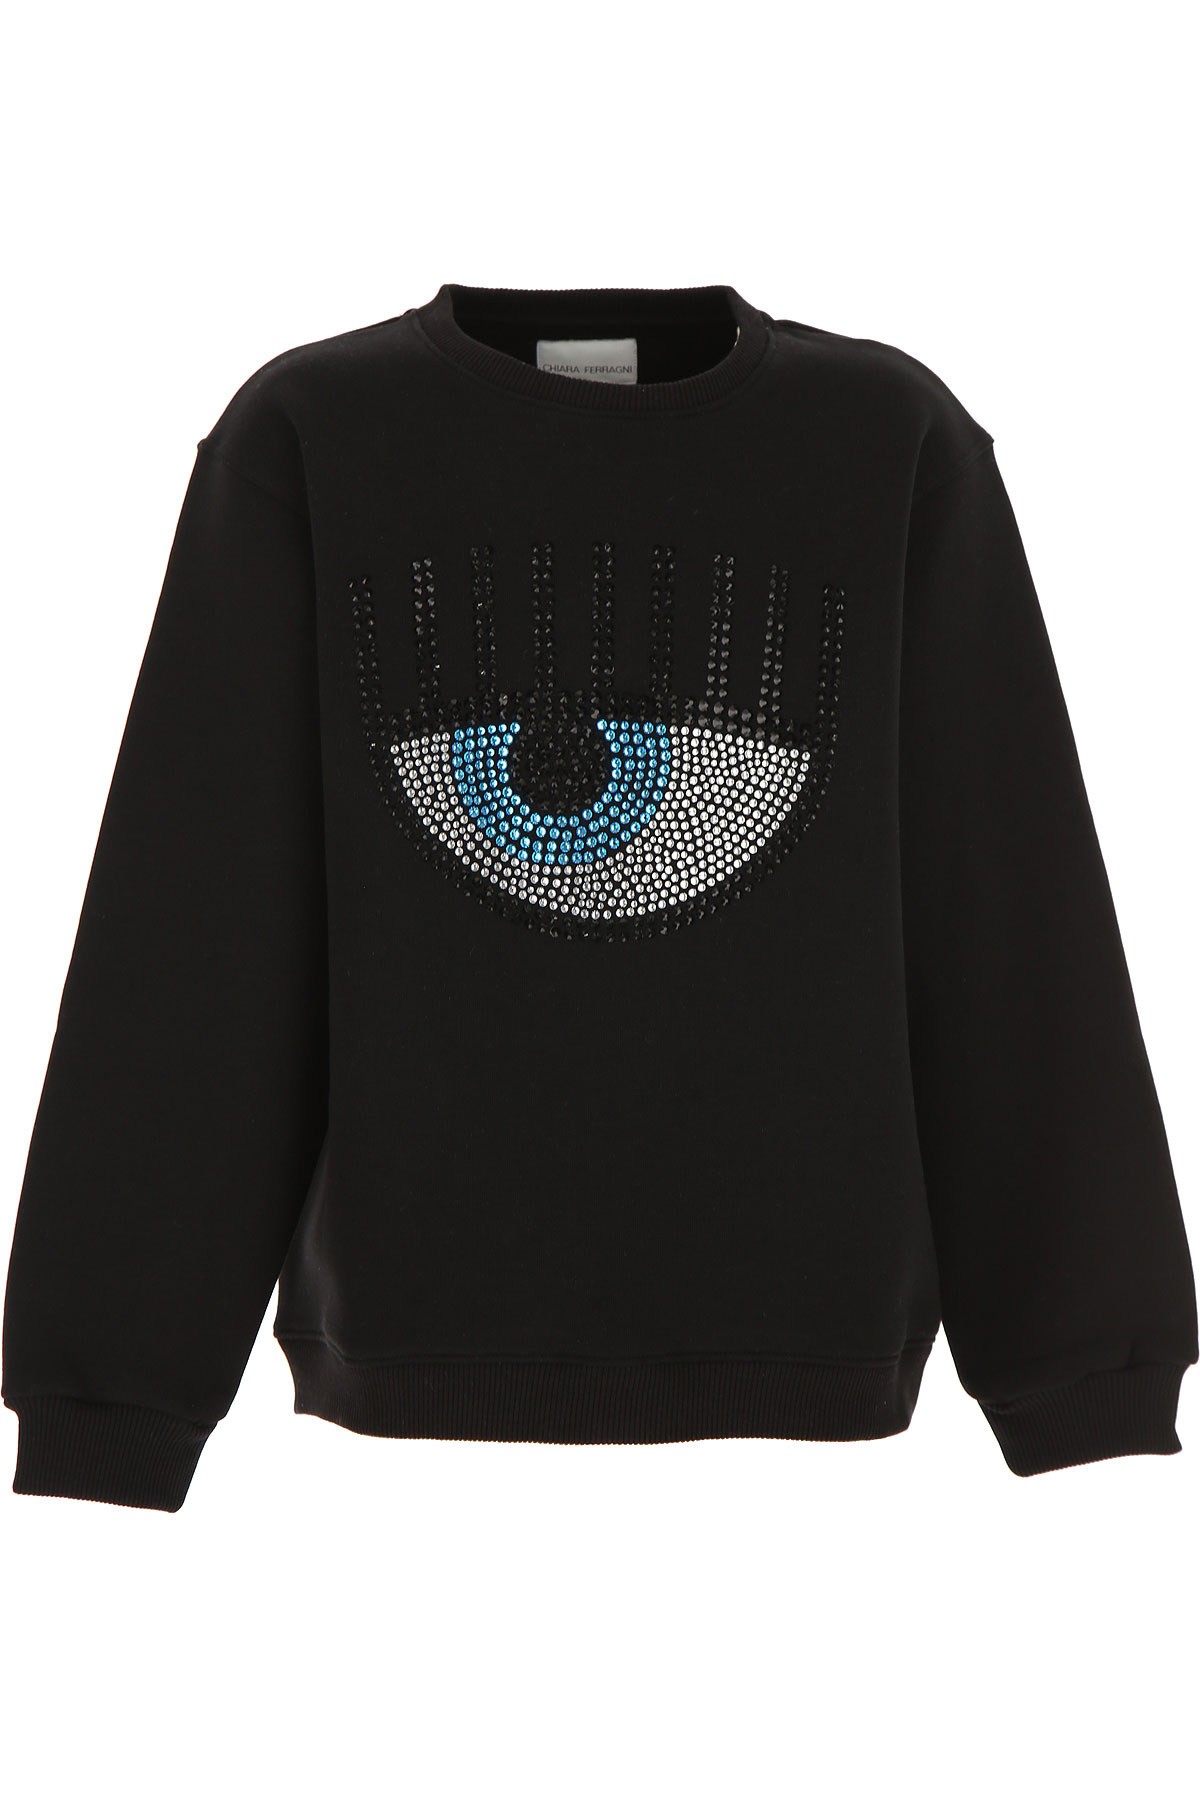 Chiara Ferragni Kids Sweatshirts & Hoodies for Girls On Sale, Black, Cotton, 2019, 10Y 12Y 14Y 6Y 8Y